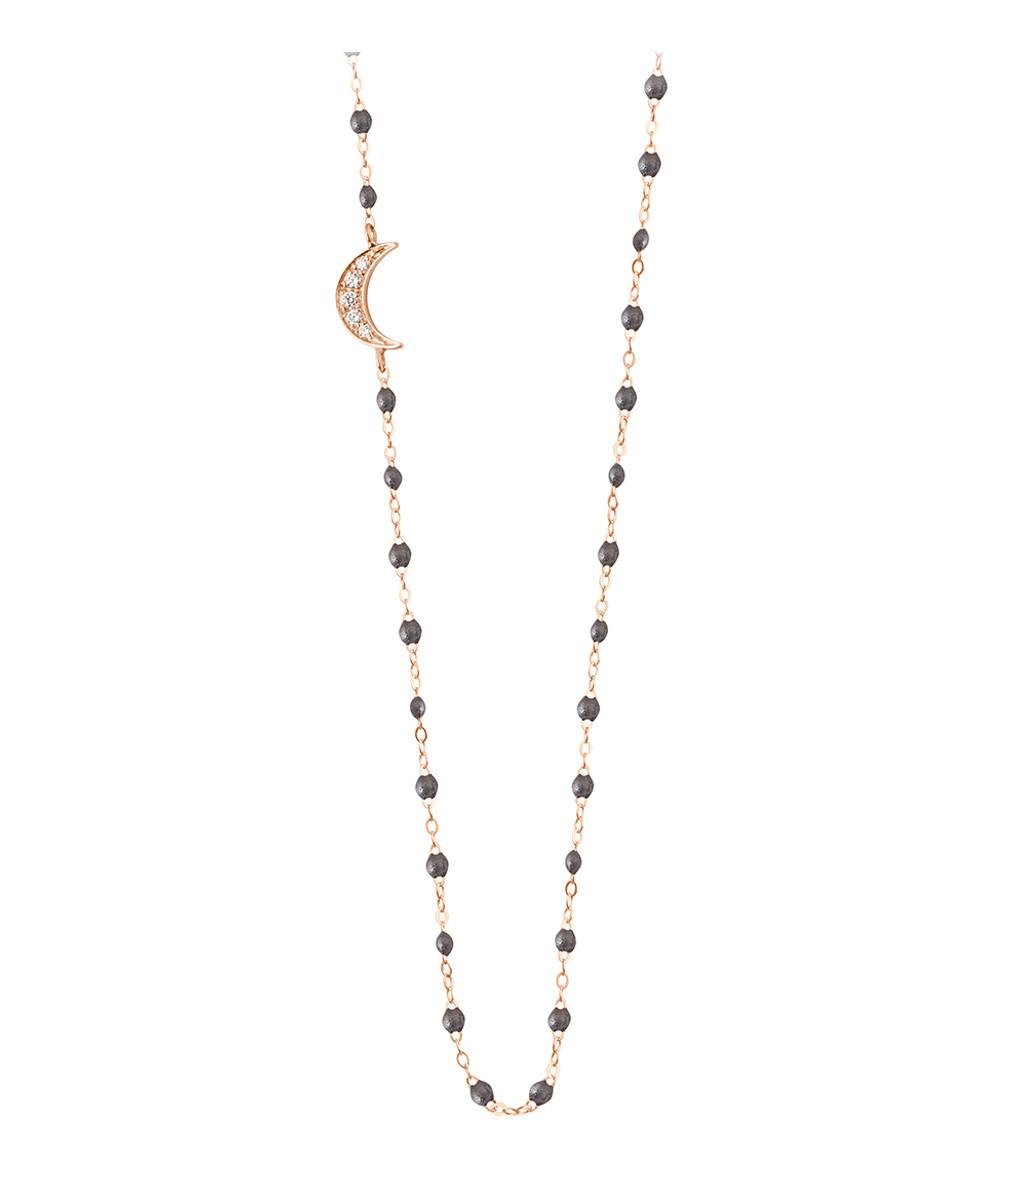 Collier Perles Résine Lune Diamants - GIGI CLOZEAU